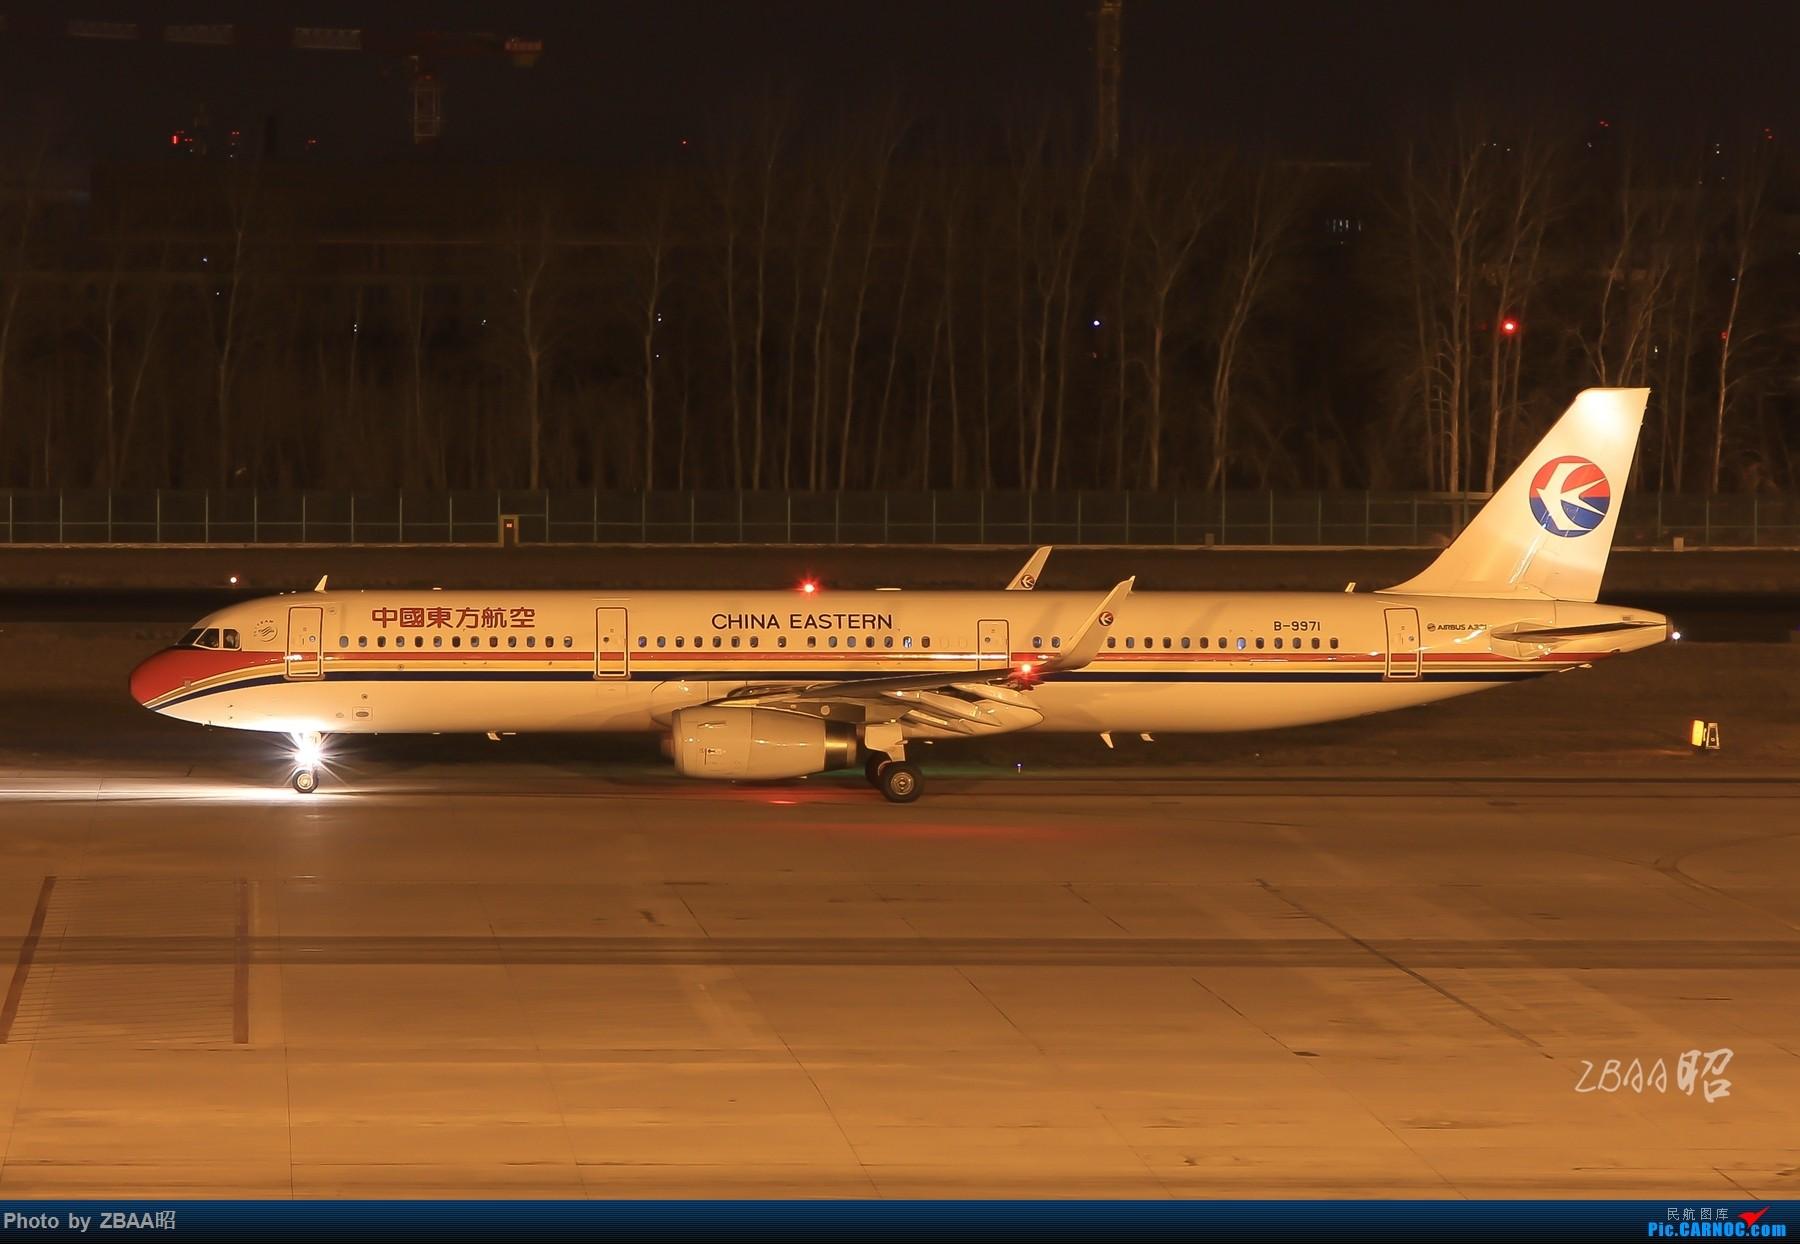 Re:[原创]飞友聚会后的独自疯狂,格林豪泰隔天怒打ZBAA 36L跑道,夜拍海航宽体机,寒风中坚守楼顶阵地 AIRBUS A321-200 B-9971 中国北京首都国际机场